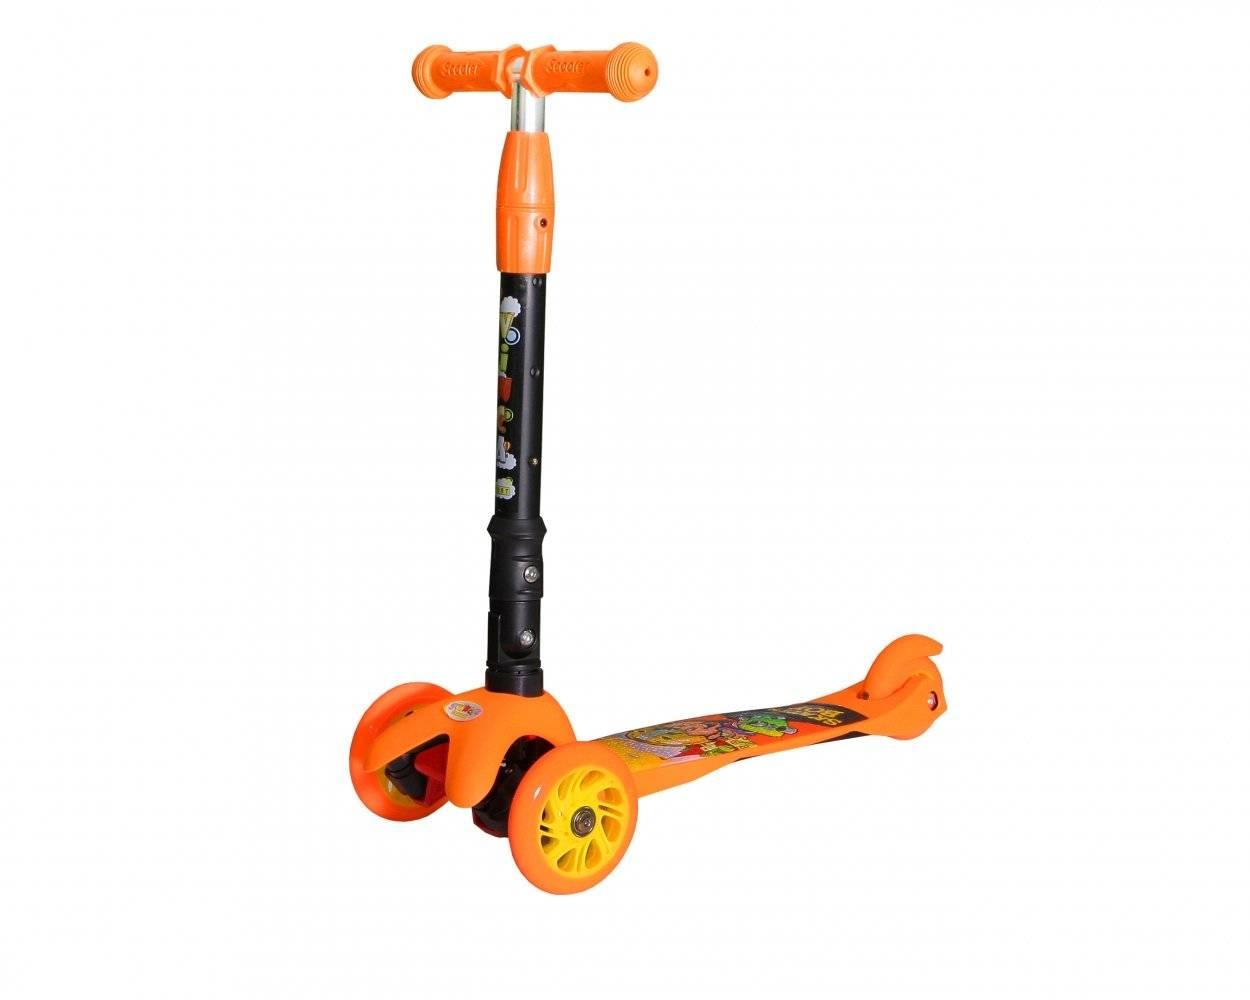 Самокат Vinca Sport, детский, складной,трёхколёсный, алюминий, подшипник ABEC 7, VSP 9A orange Skater